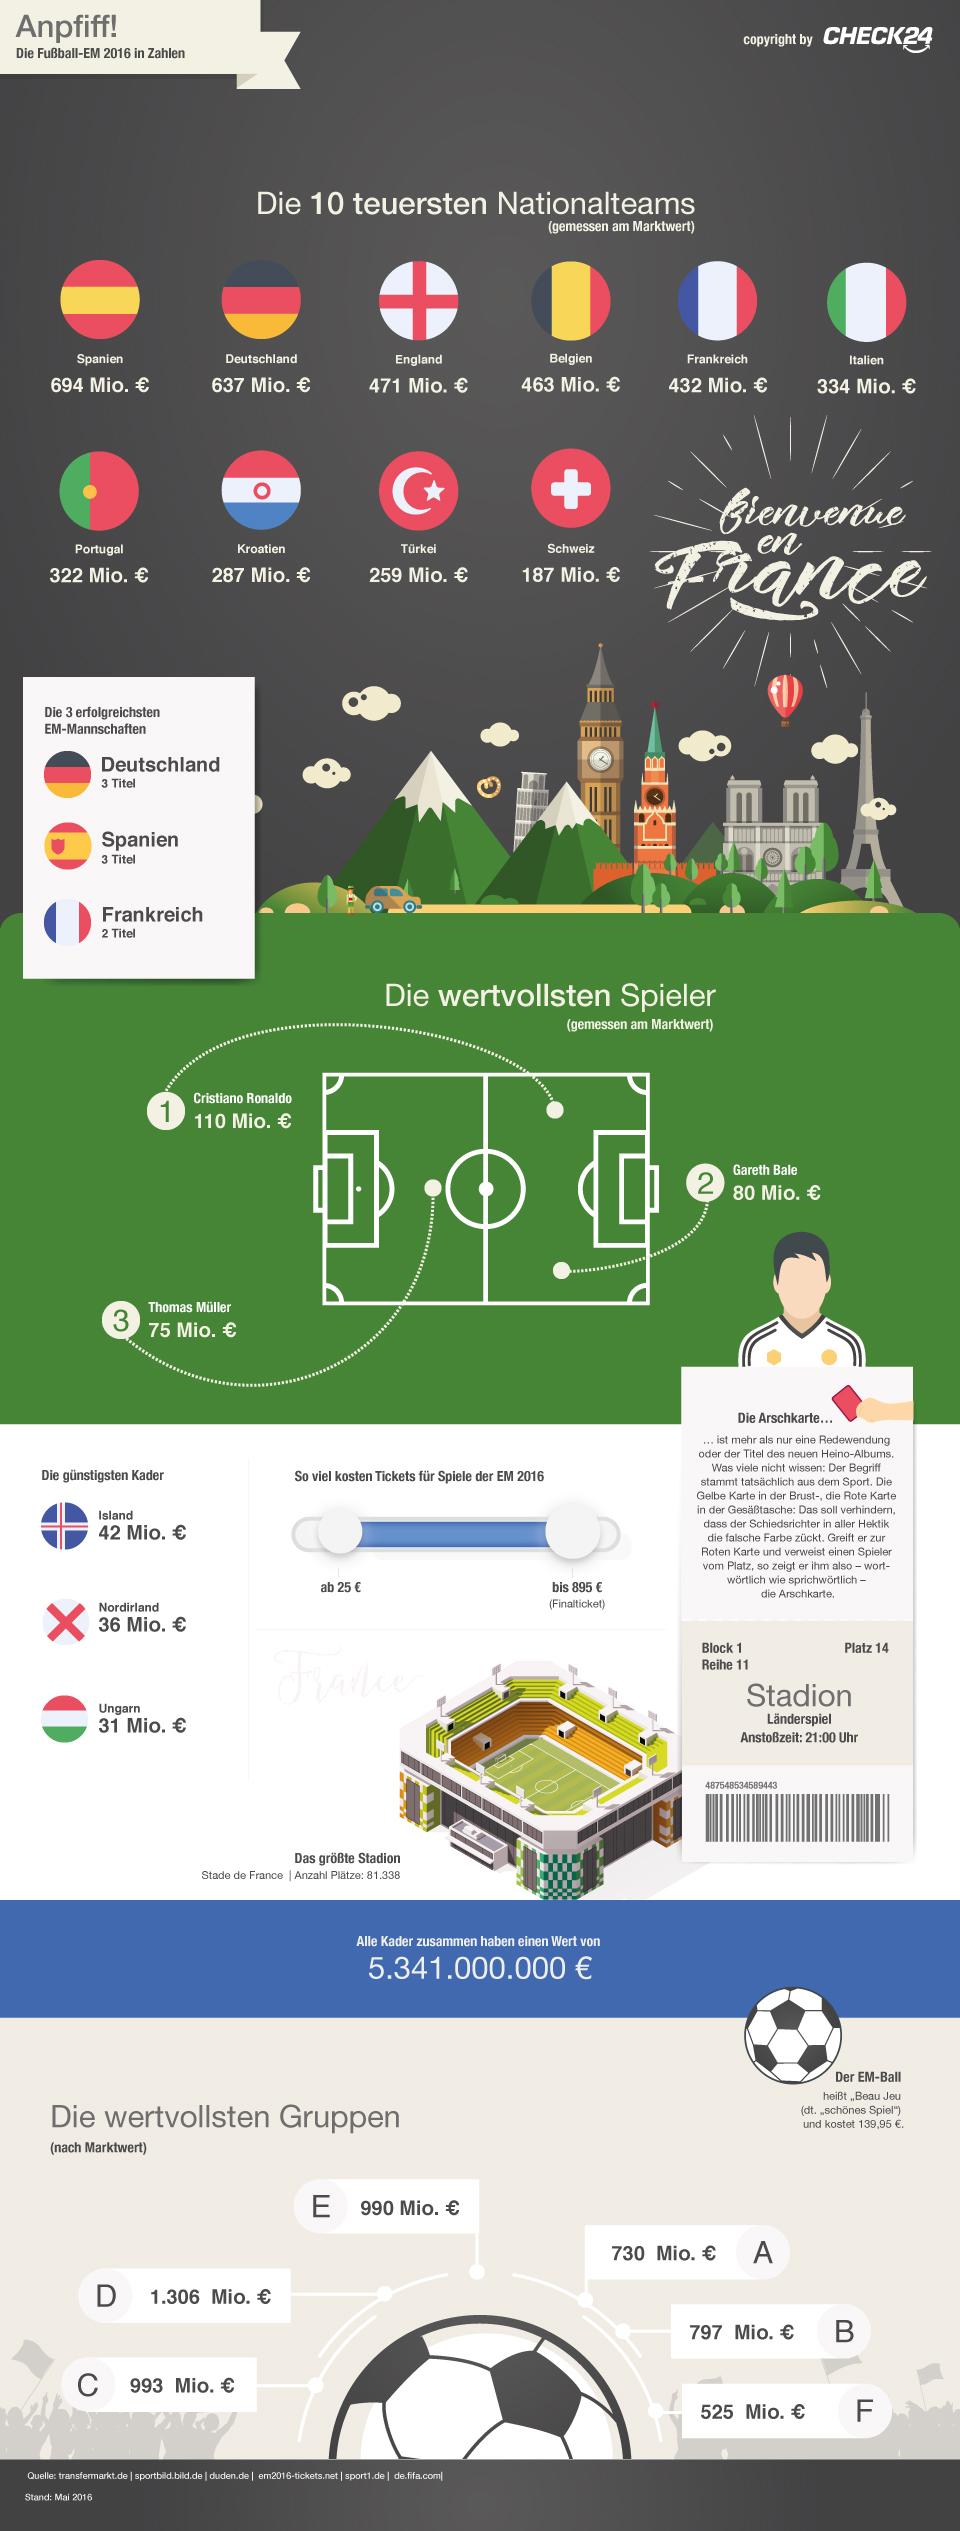 Große Gefühle und hohe Summen – die Finanz-Fakten zur Fußball-EM 2016